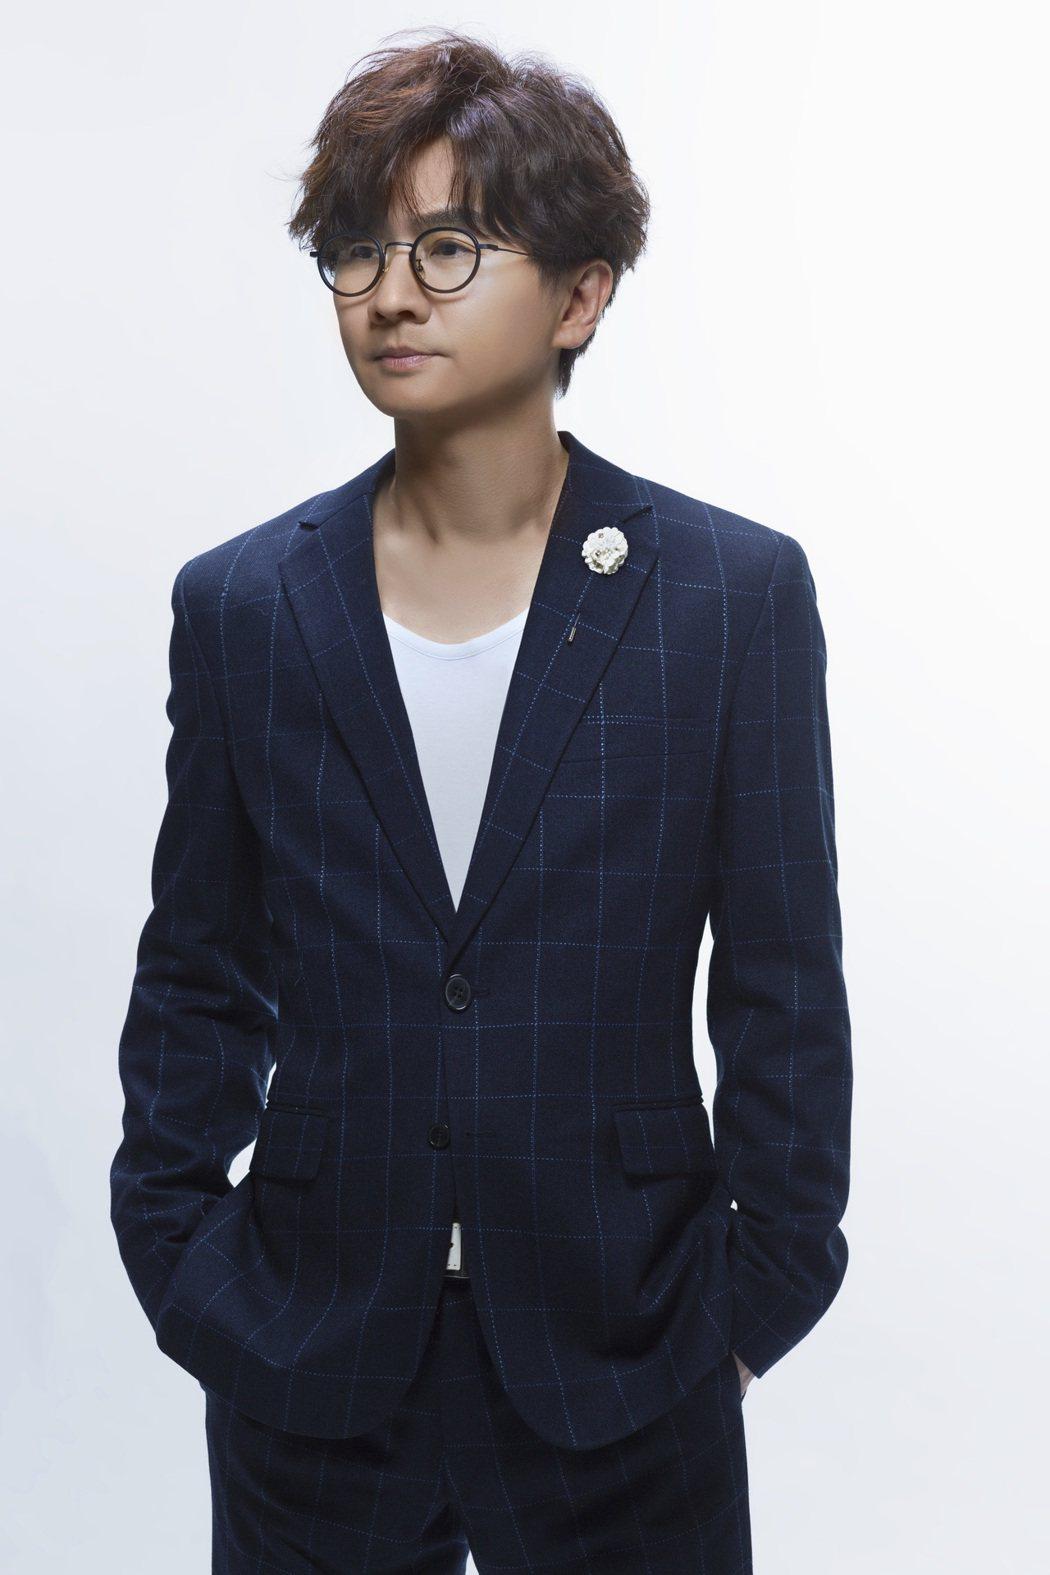 林隆璇常被誤為林志炫。圖/青田音樂文化提供